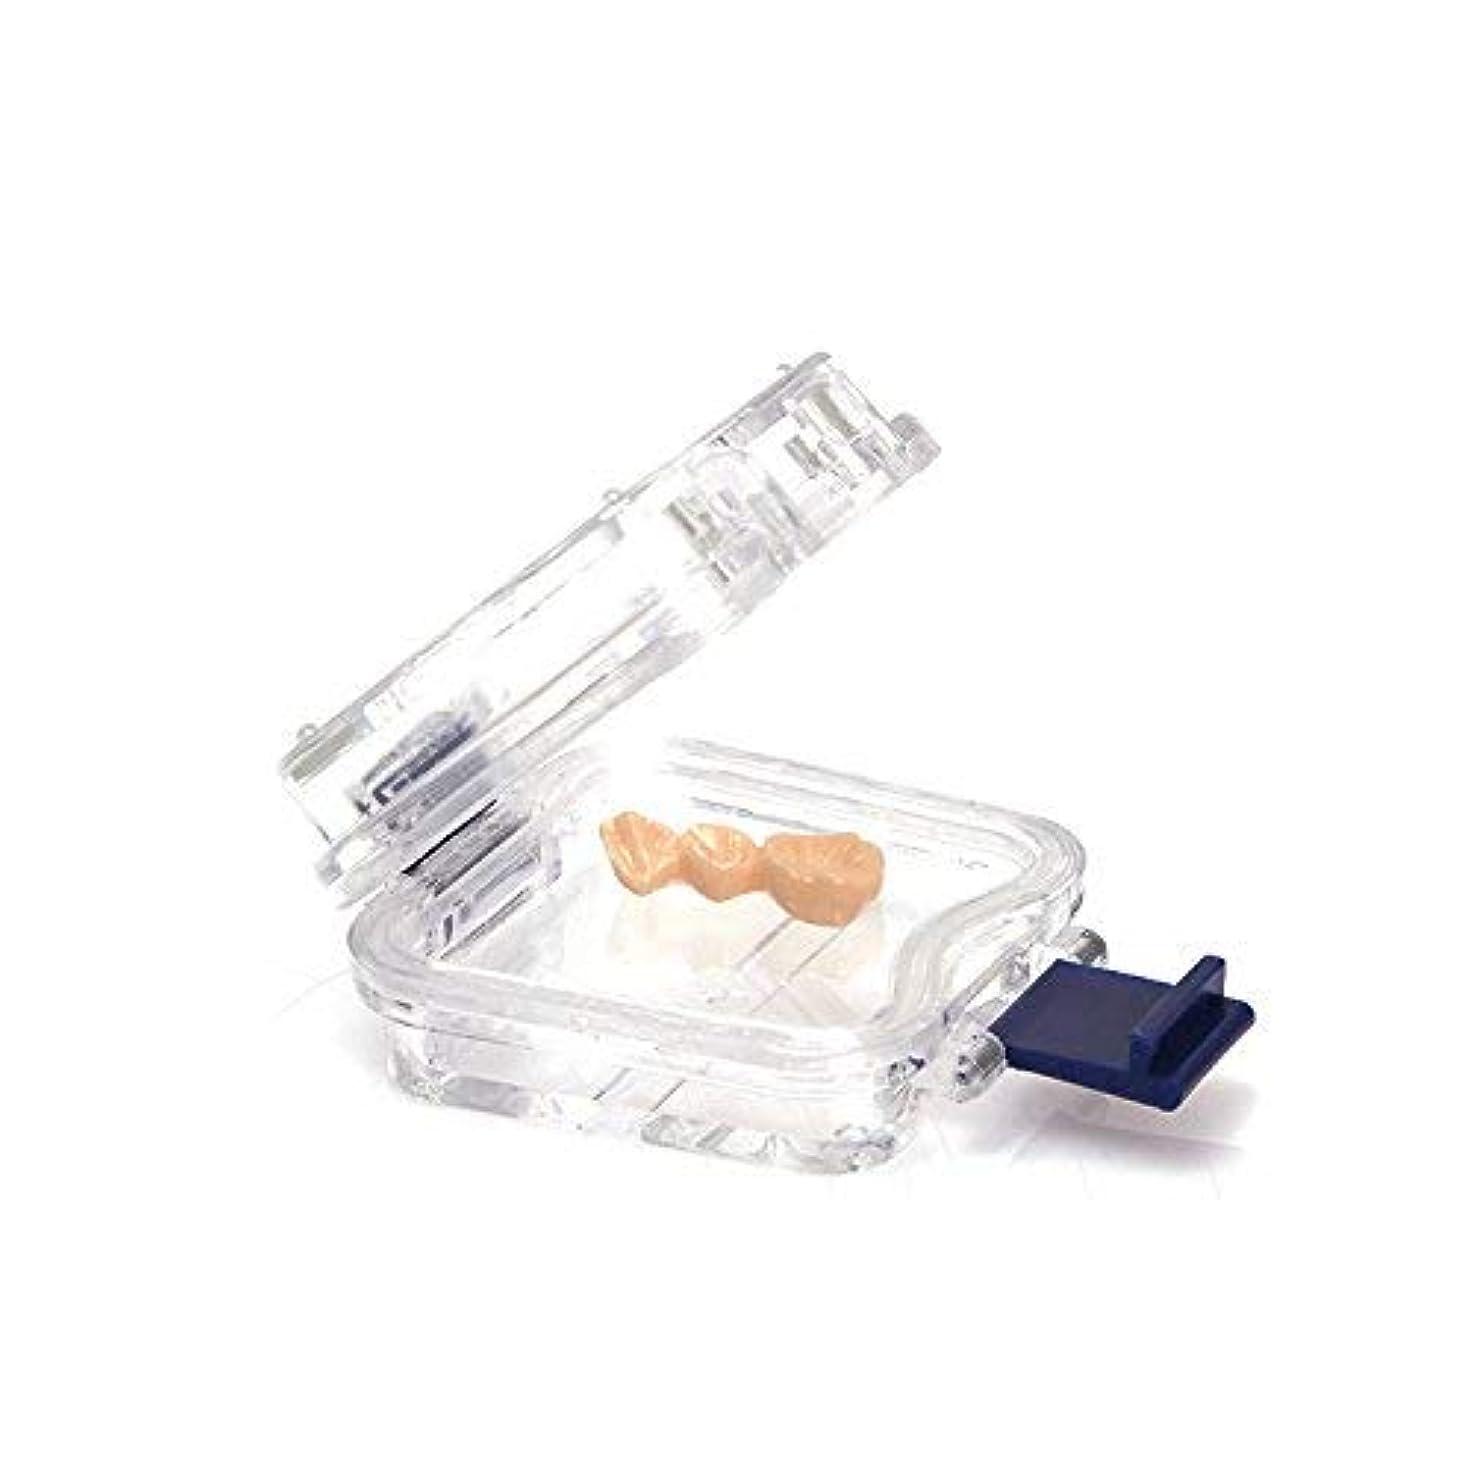 作るまっすぐ時系列入れ歯ケース膜付き 5pcs/lot 義歯ケース 防振入れ歯ケース 小サイズ Annhua